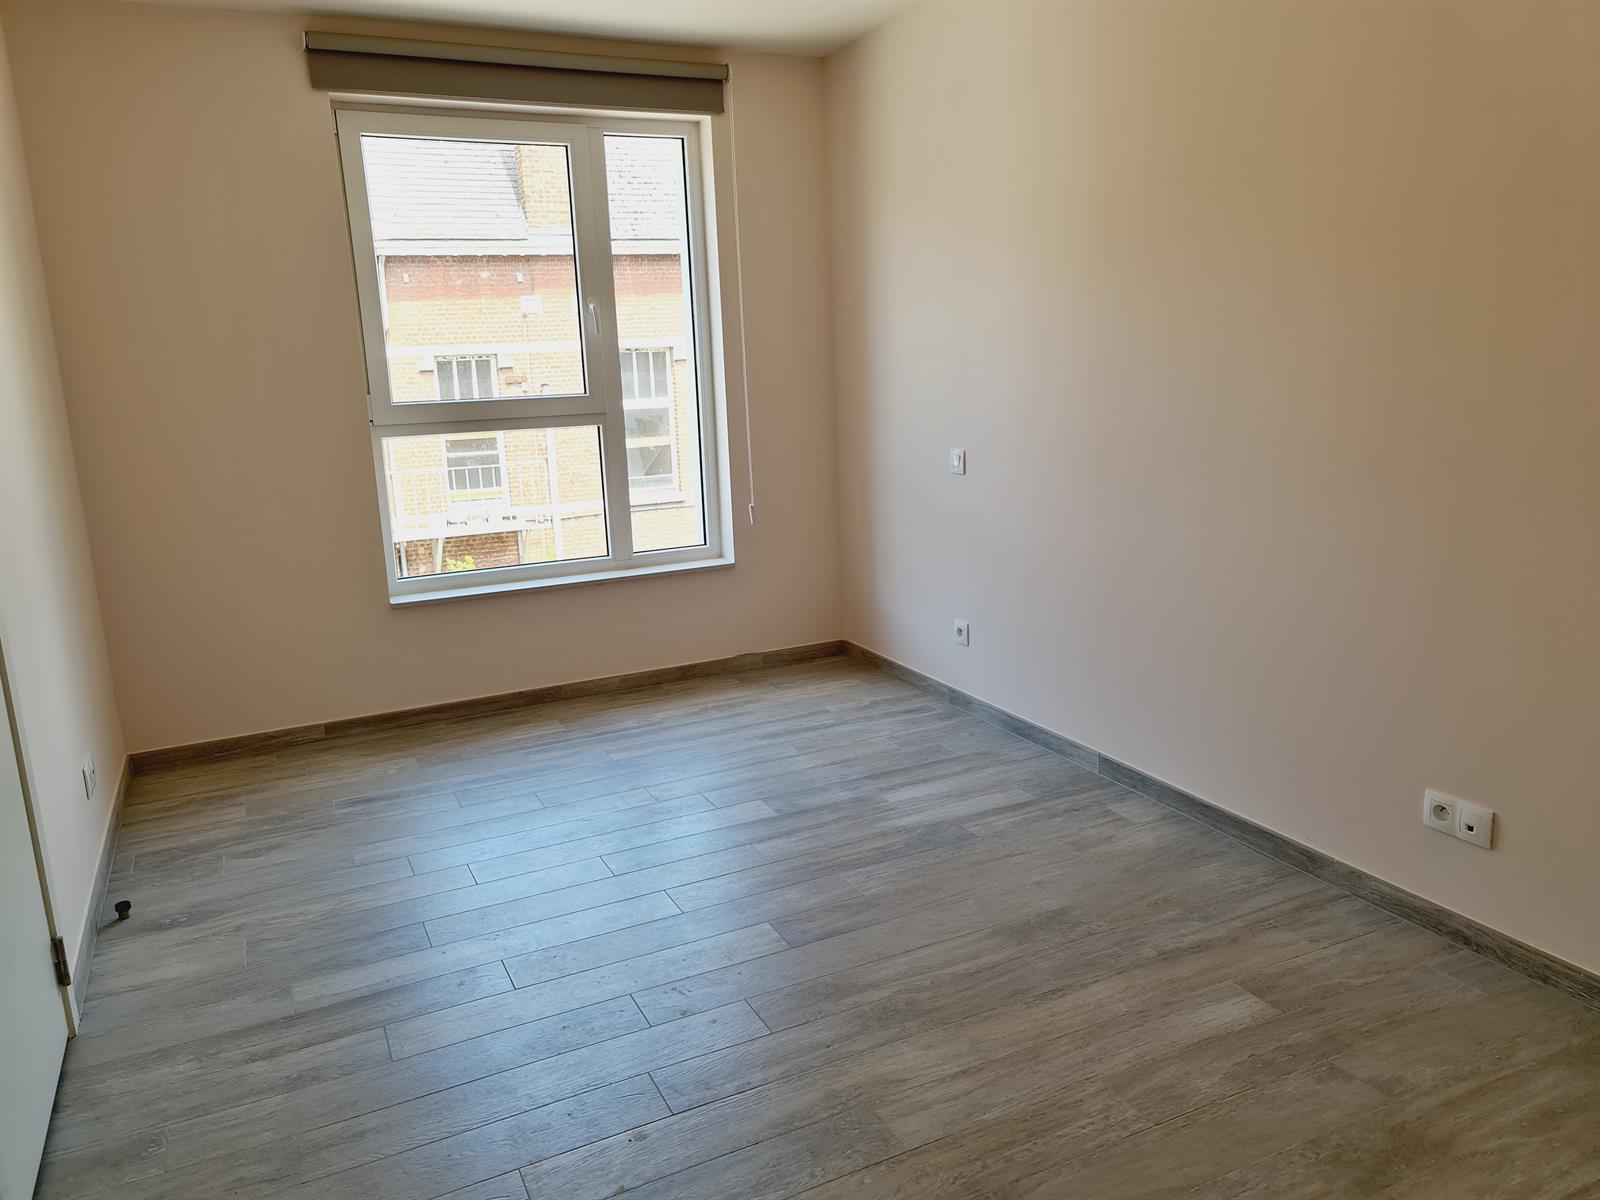 Appartement - Court-St.-Etienne - #4395992-9